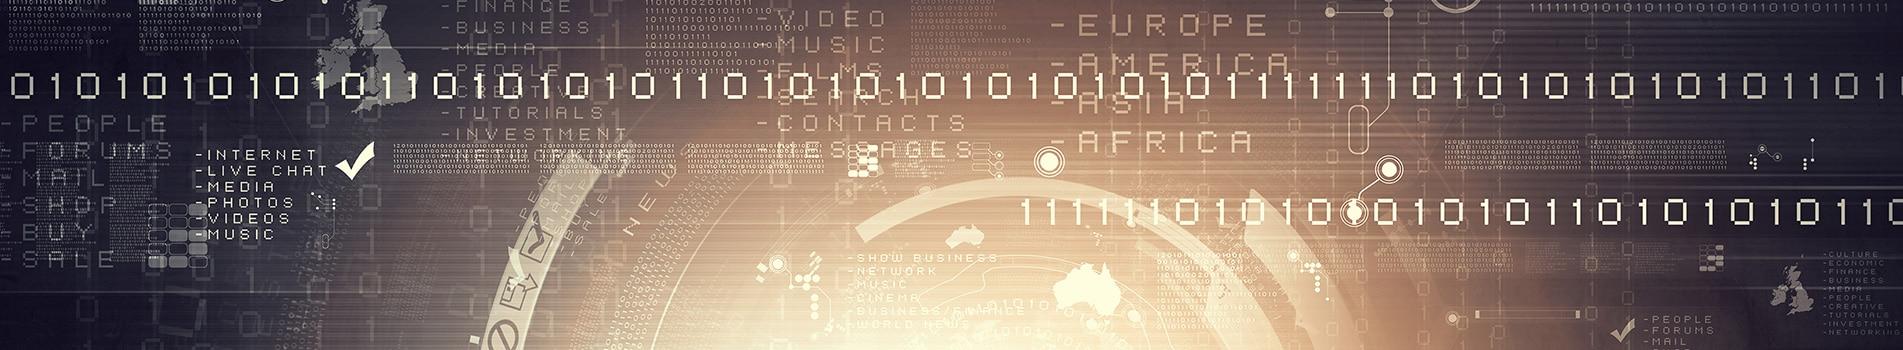 Agence de Communication Digitale et Conseil en Stratégie Marketing